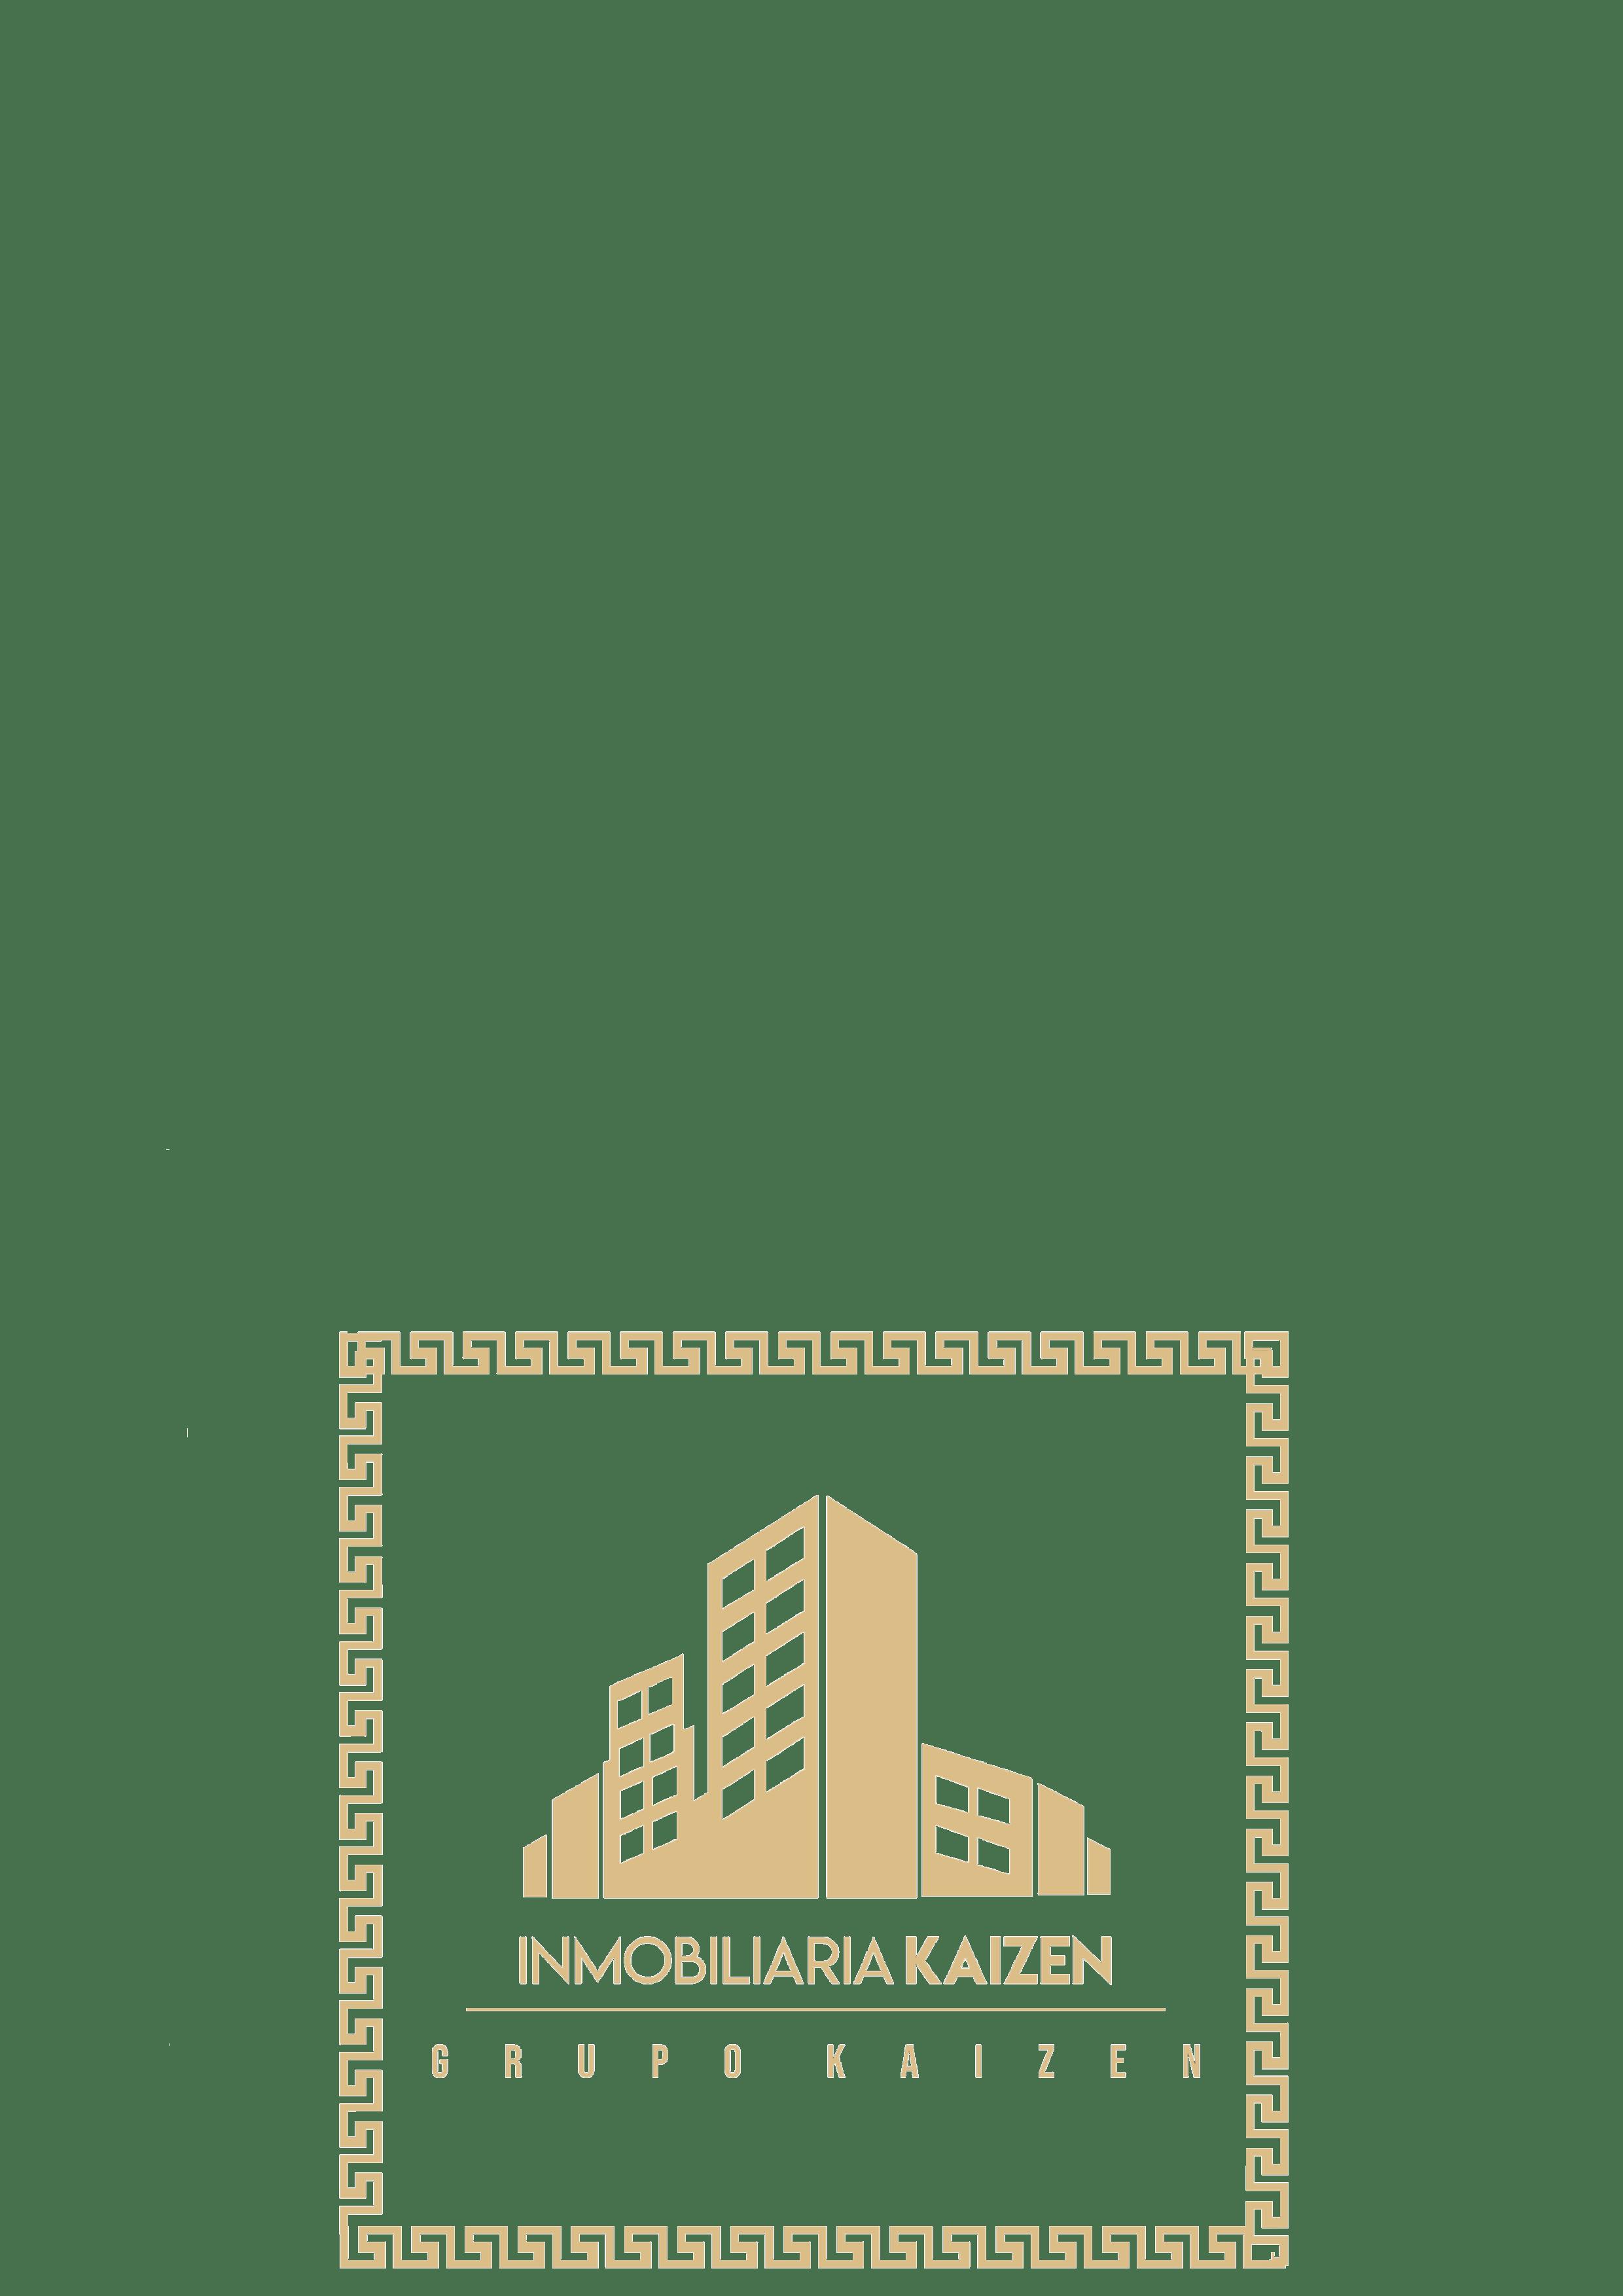 Inmobiliaria KAIZEN